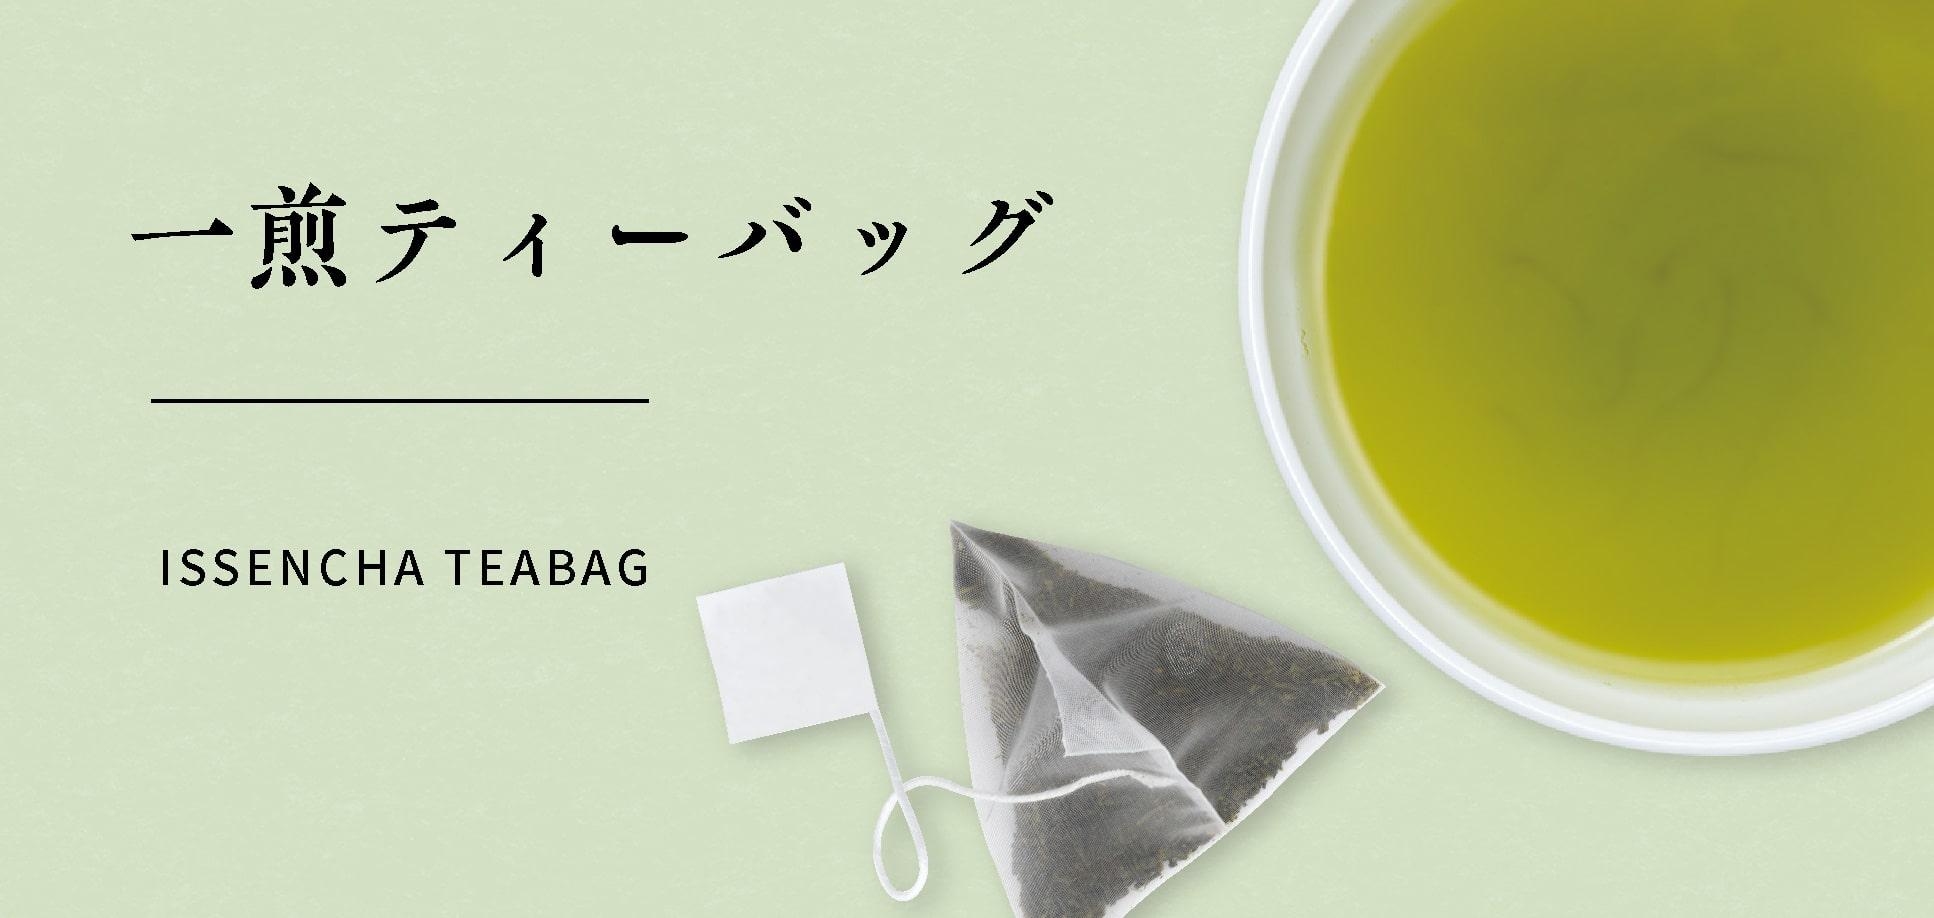 【かねじょう・茶の庭】ハーブティー ティーバッグタイプ